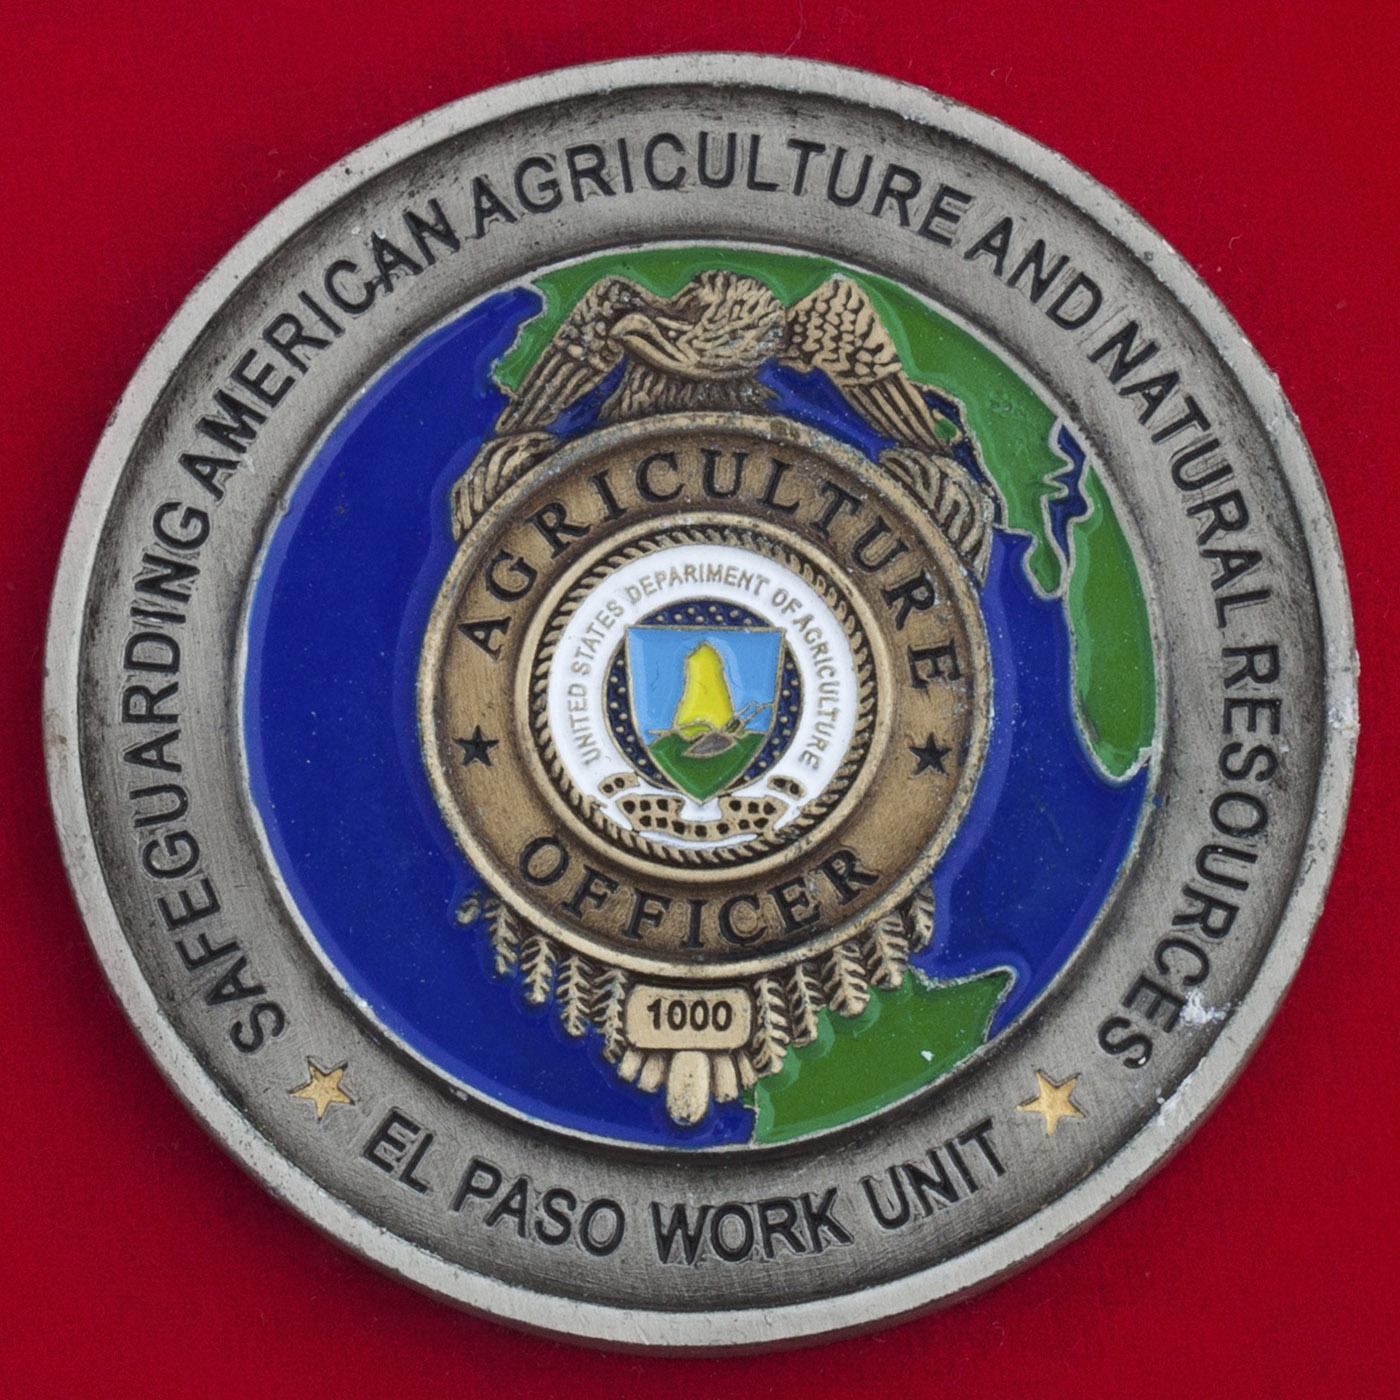 Челлендж коин сотрудников Министерства сельского хозяйства и природных ресурсов США в Эль-Пасо, Техас